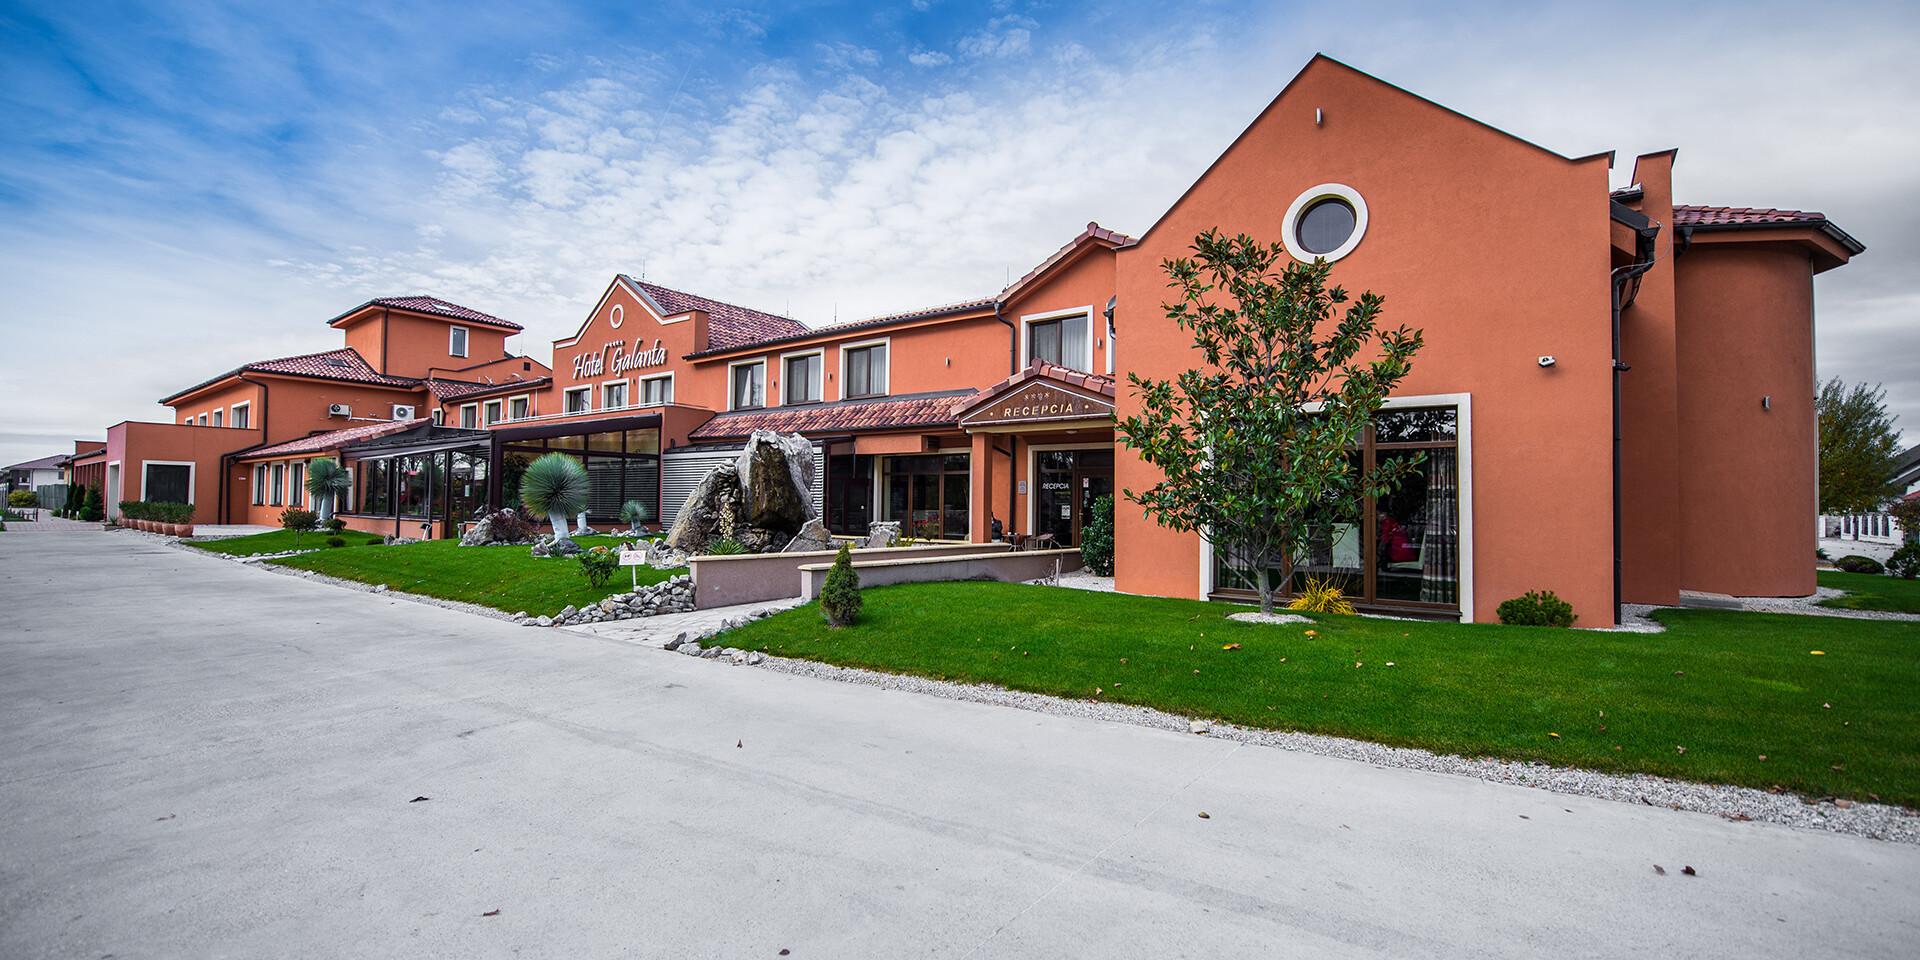 Spoznajte Podunajskú nížinu s ubytovaním v obľúbenom hoteli Galanta**** s polpenziou